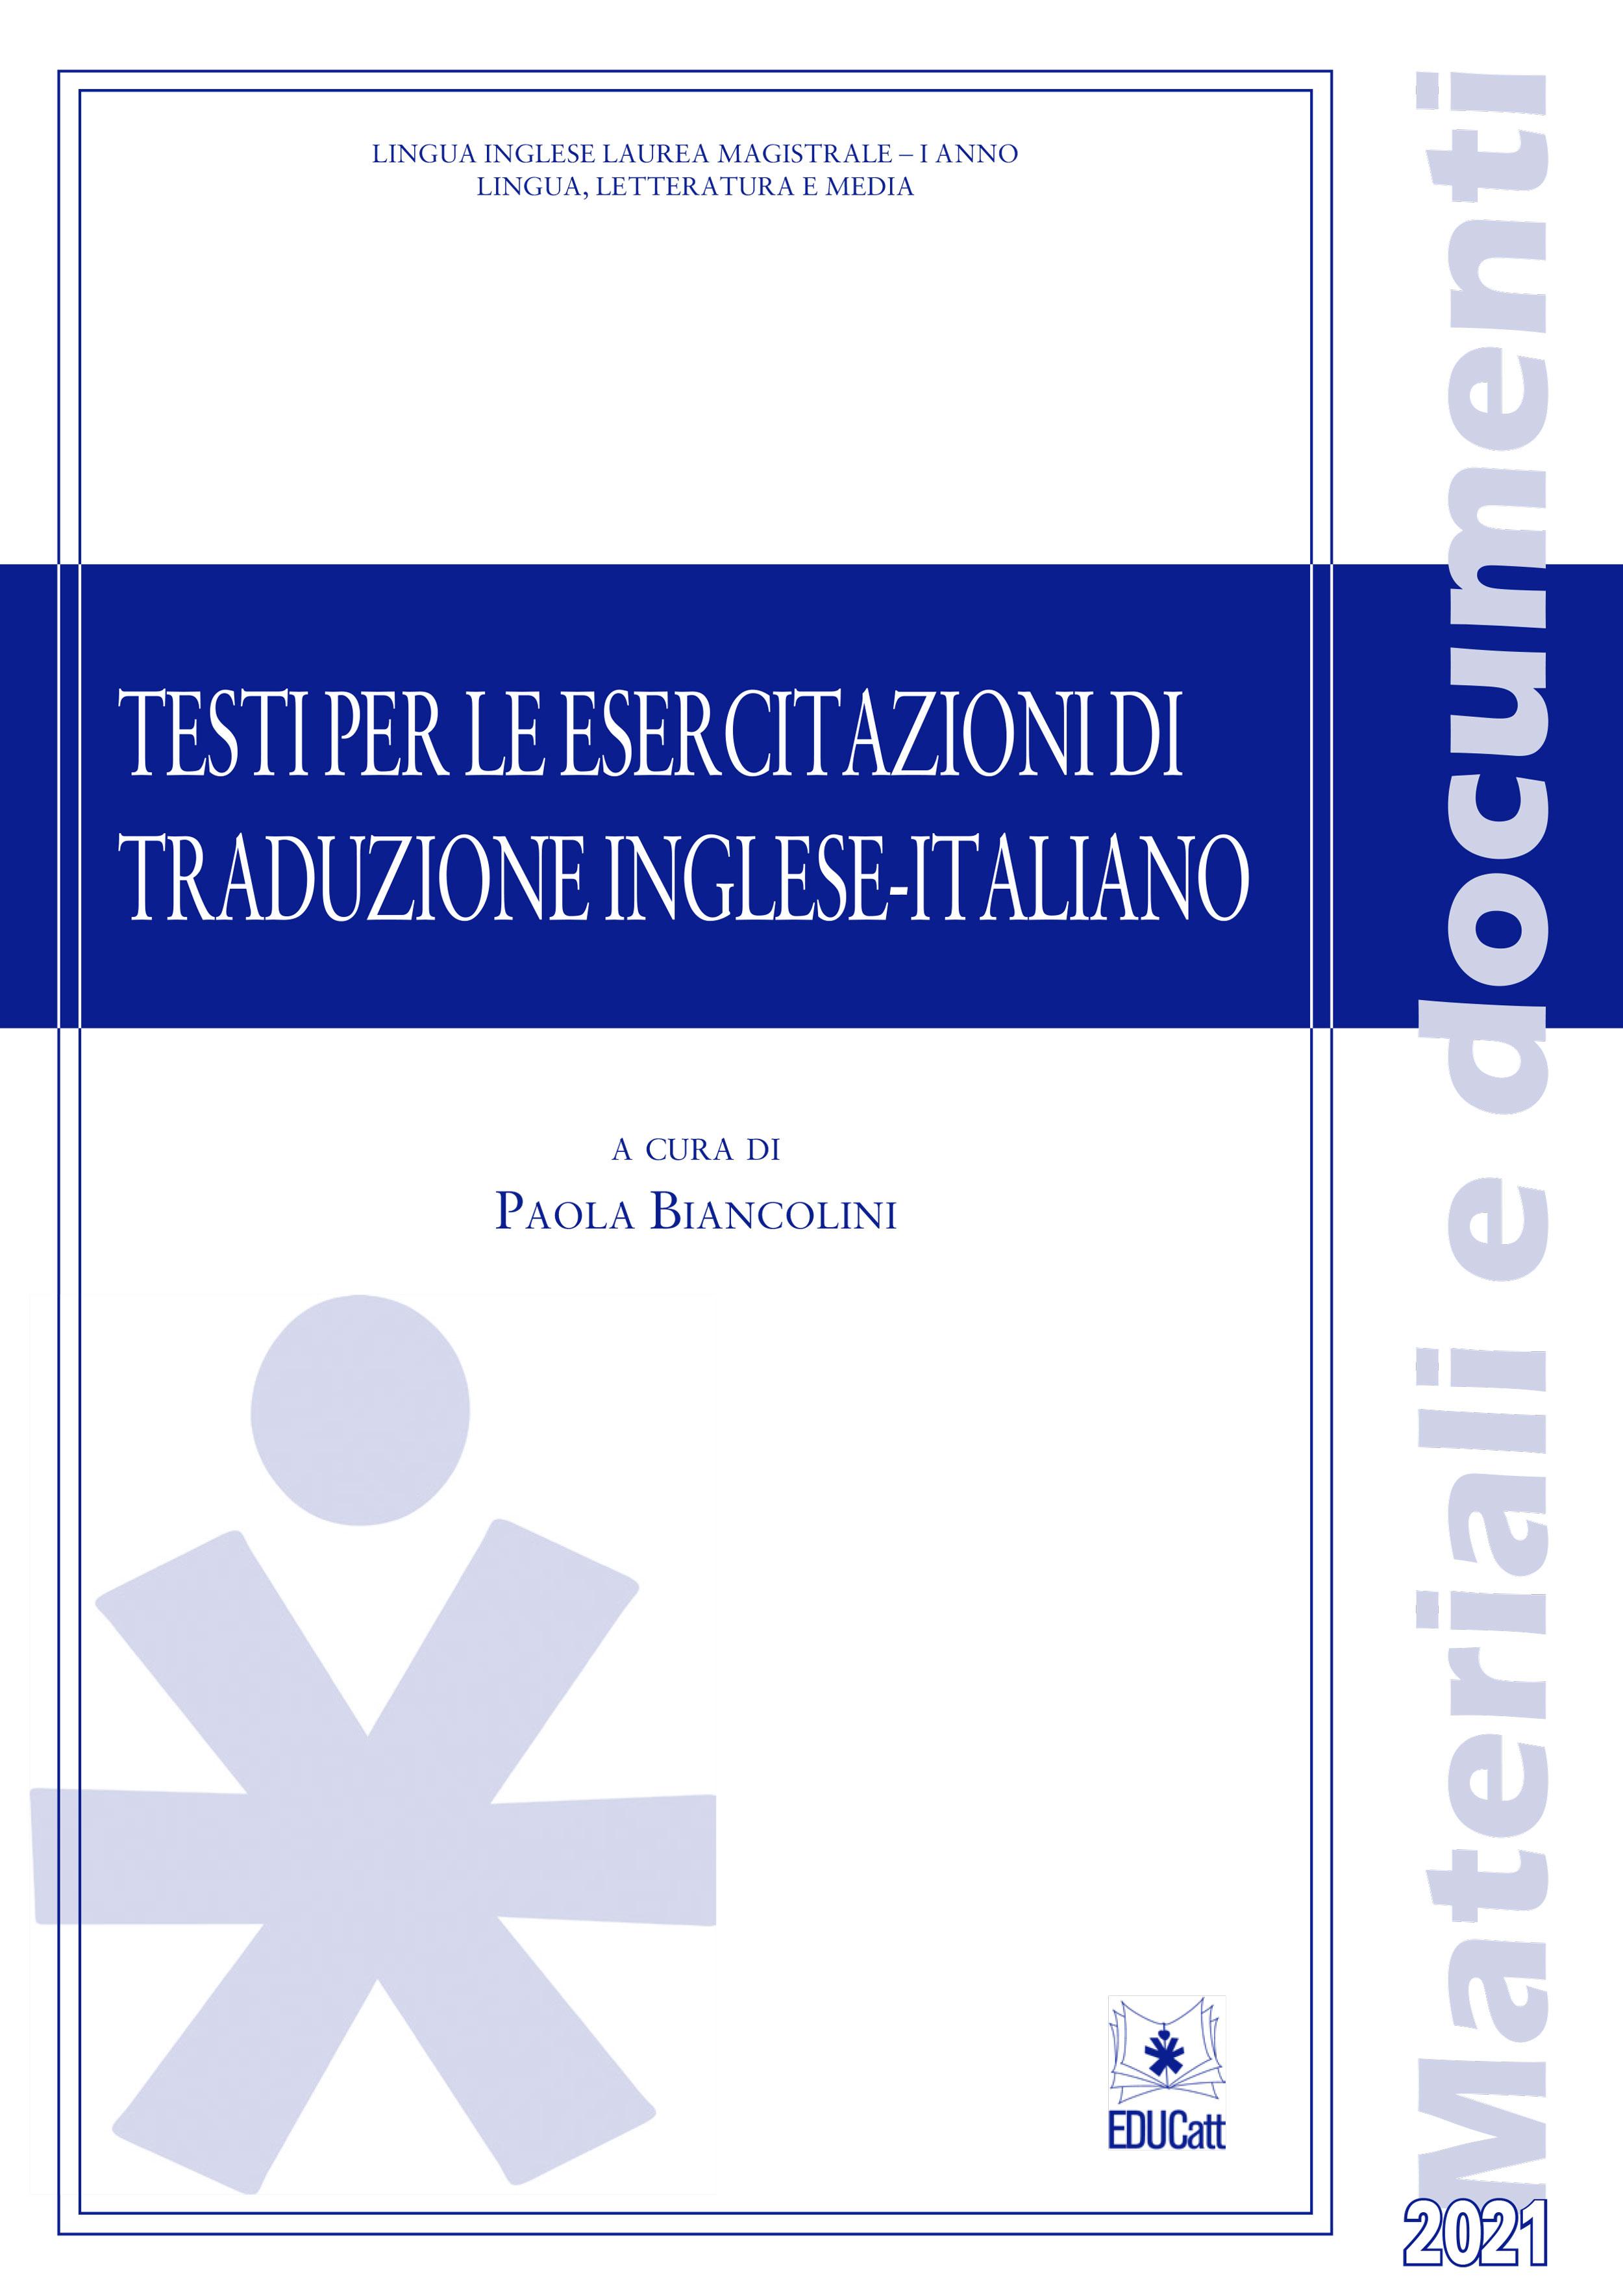 TESTI PER LE ESERCITAZIONI DI TRADUZIONE INGLESE-ITALIANO 2021